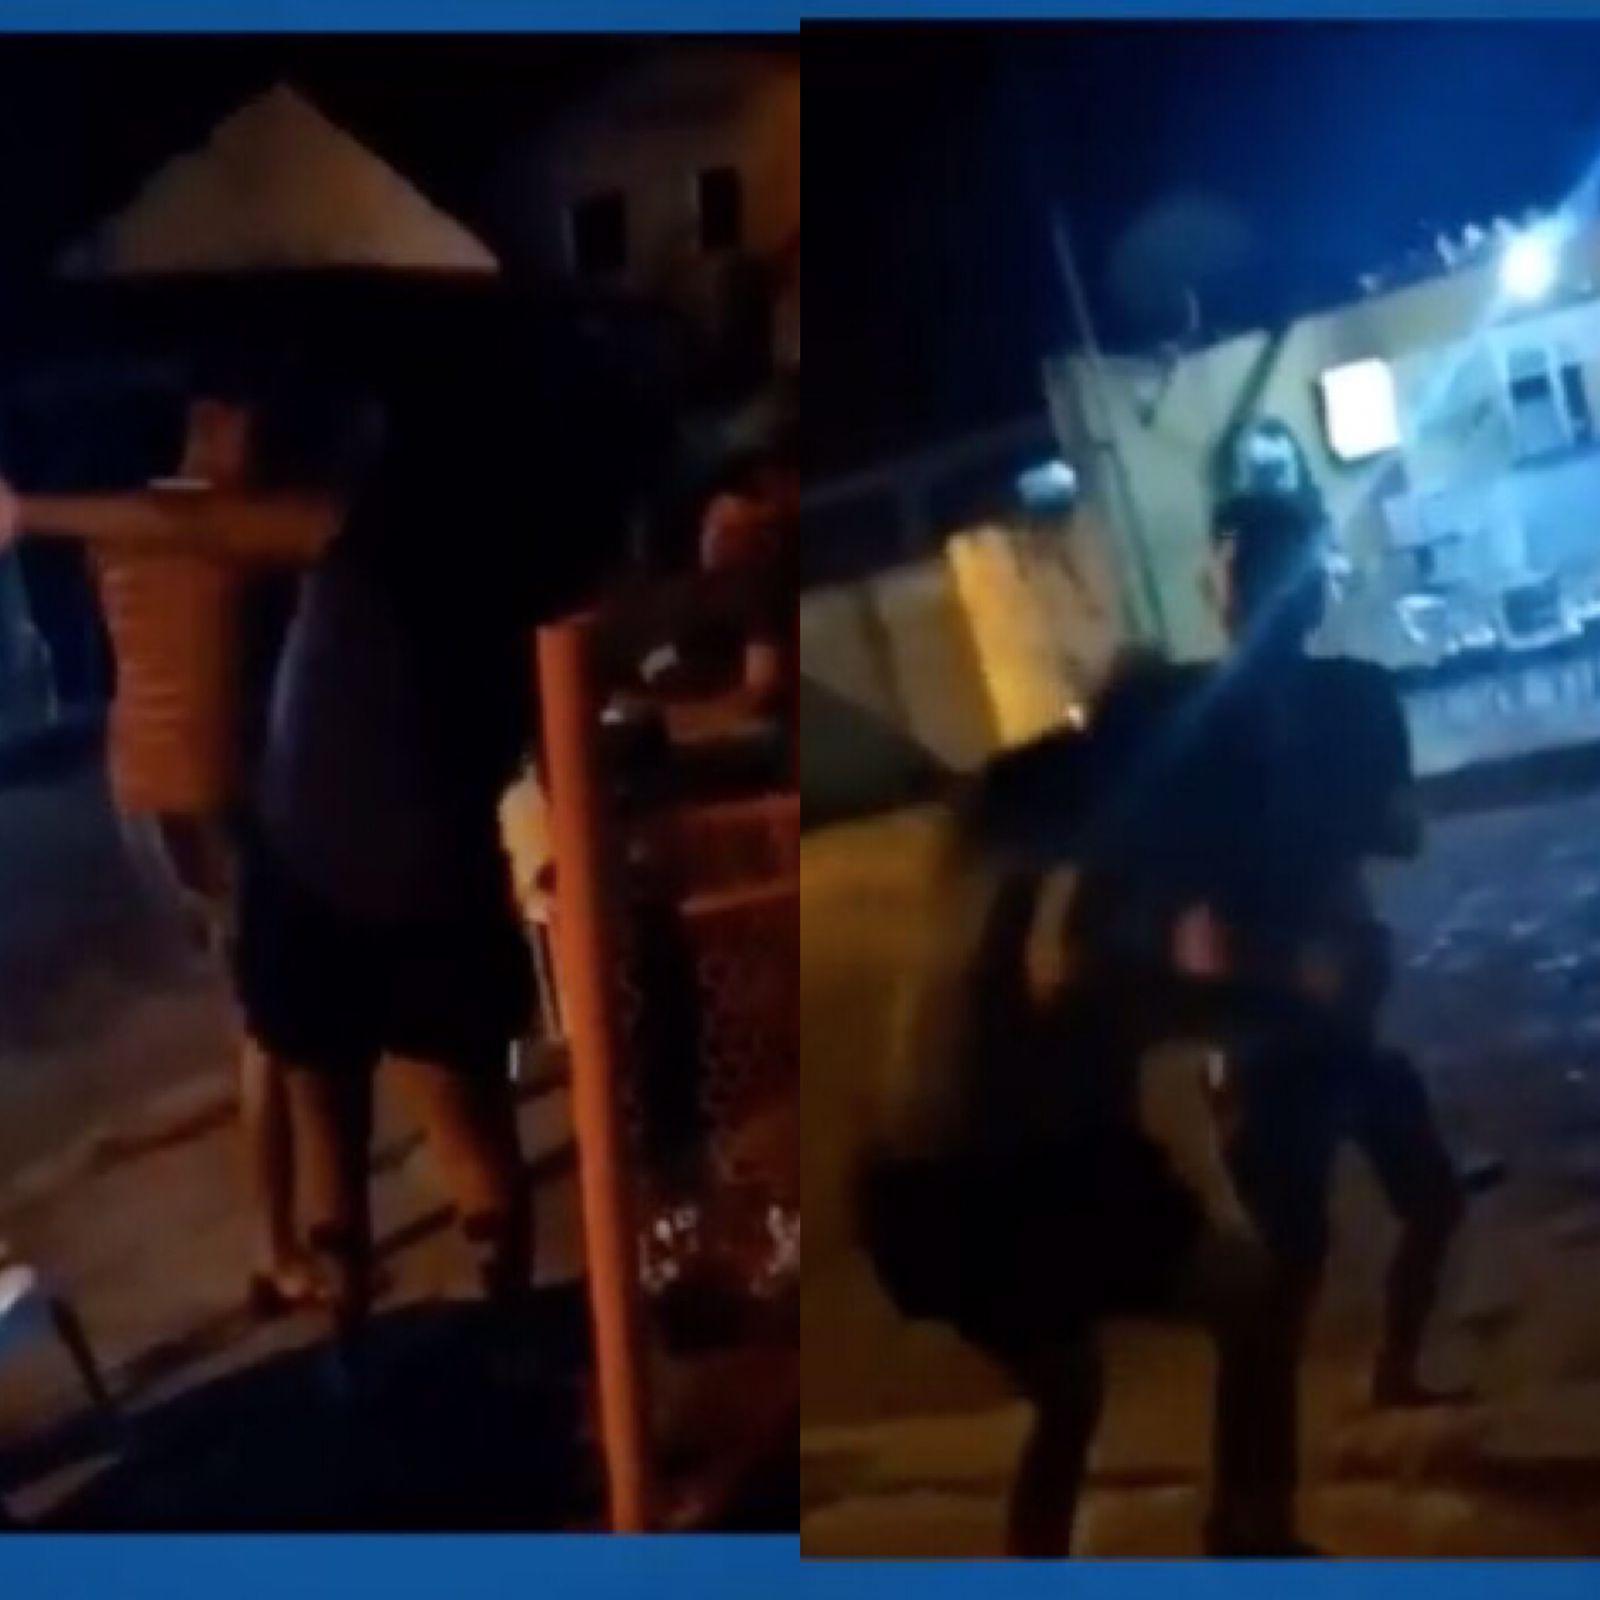 Homem agride mulher na frente de bar no Piauí